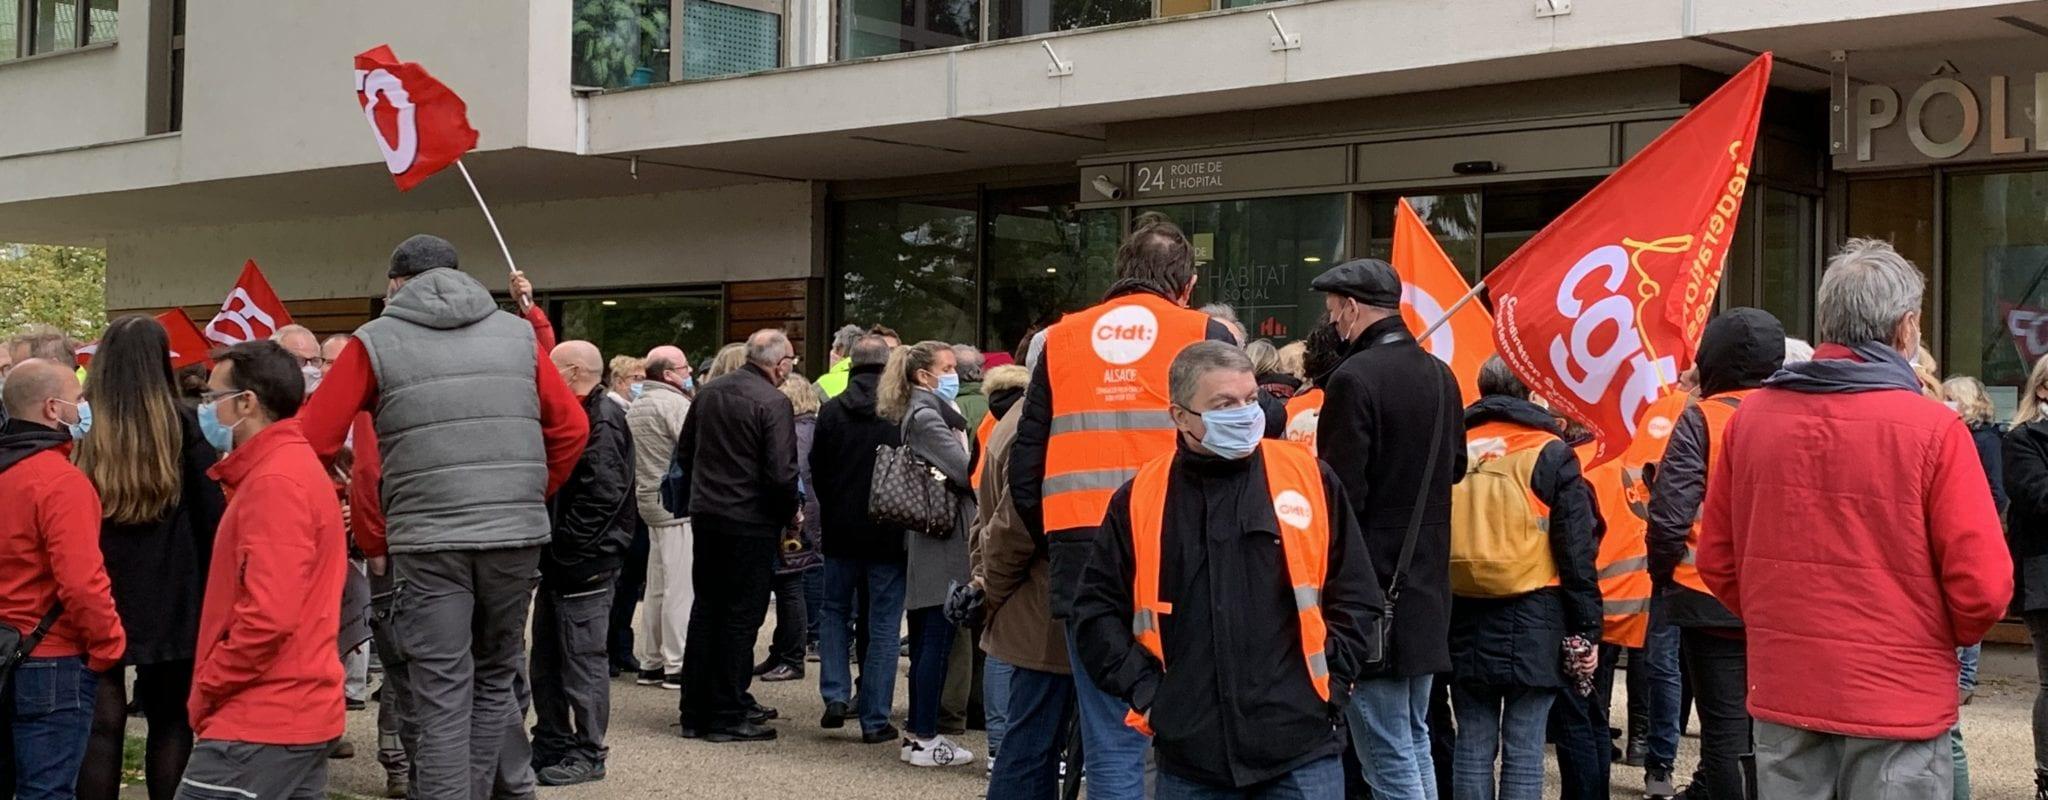 Manifestation des salariés du bailleur Ophéa, une première depuis 25 ans